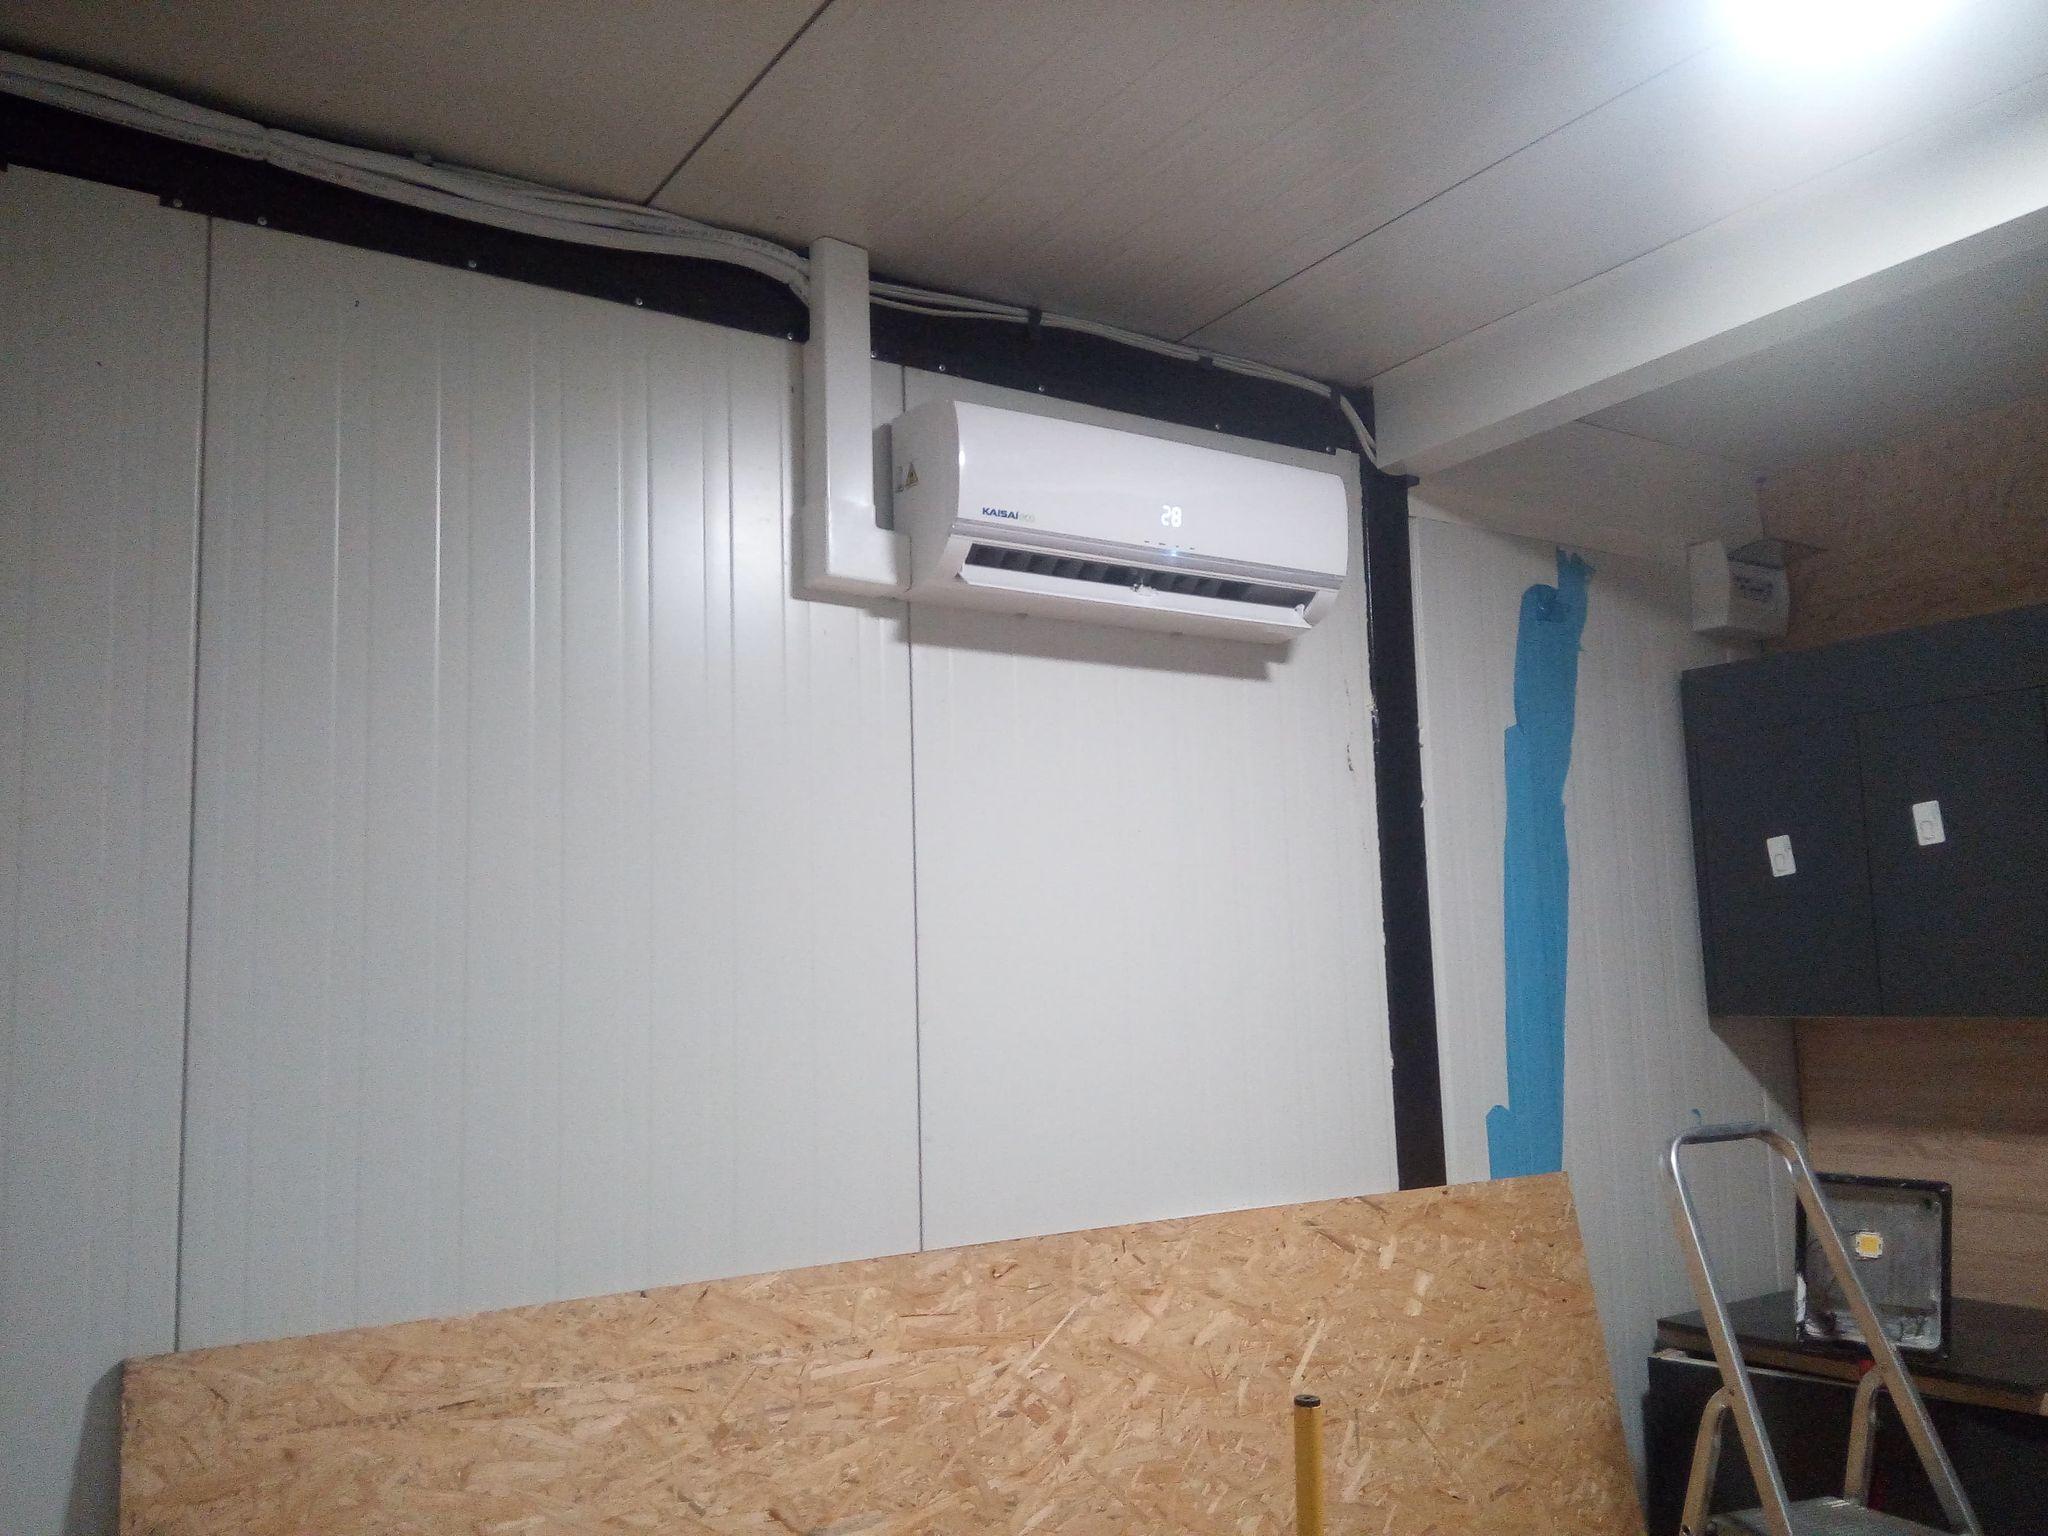 Dwa klimatyzatory KAISAI zamontowane w domkach holenderskich